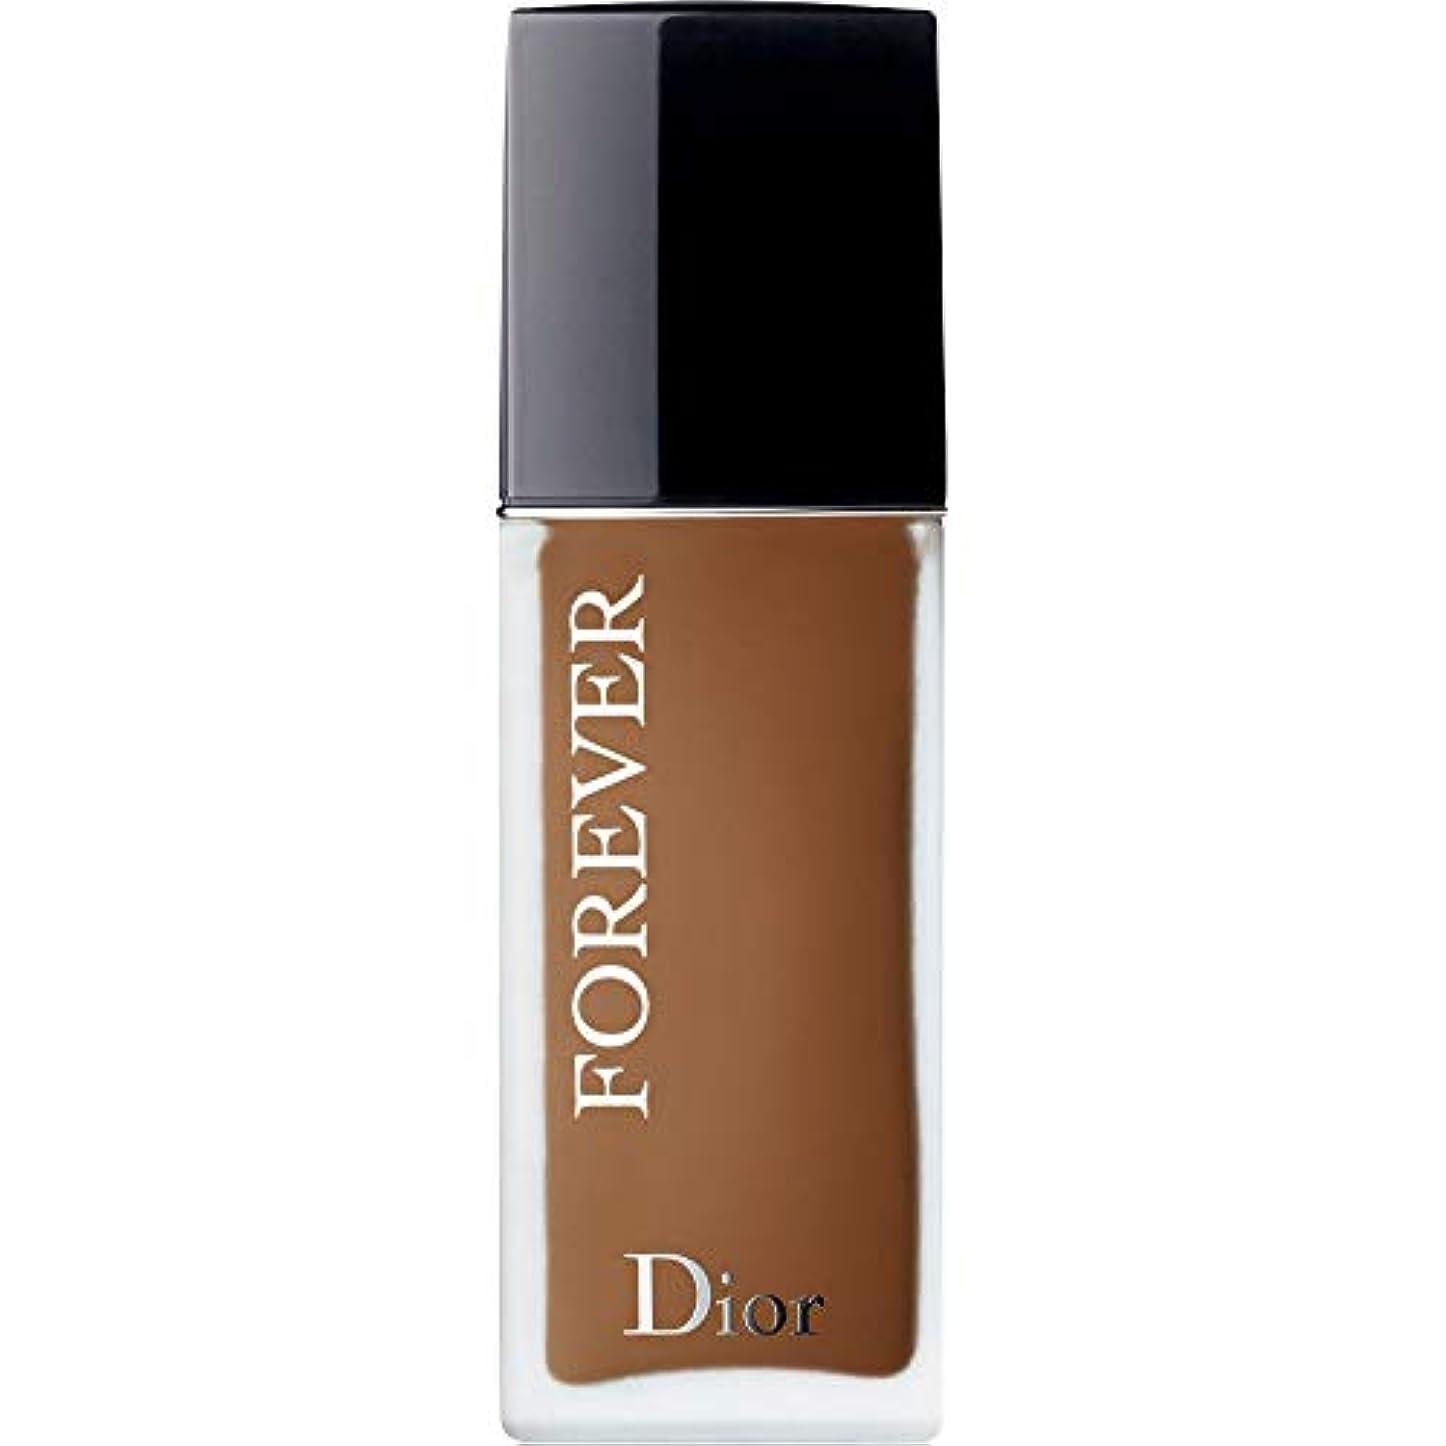 仮装圧倒的降伏[Dior ] ディオール永遠皮膚思いやりの基盤Spf35 30ミリリットルの7N - ニュートラル(つや消し) - DIOR Forever Skin-Caring Foundation SPF35 30ml 7N -...